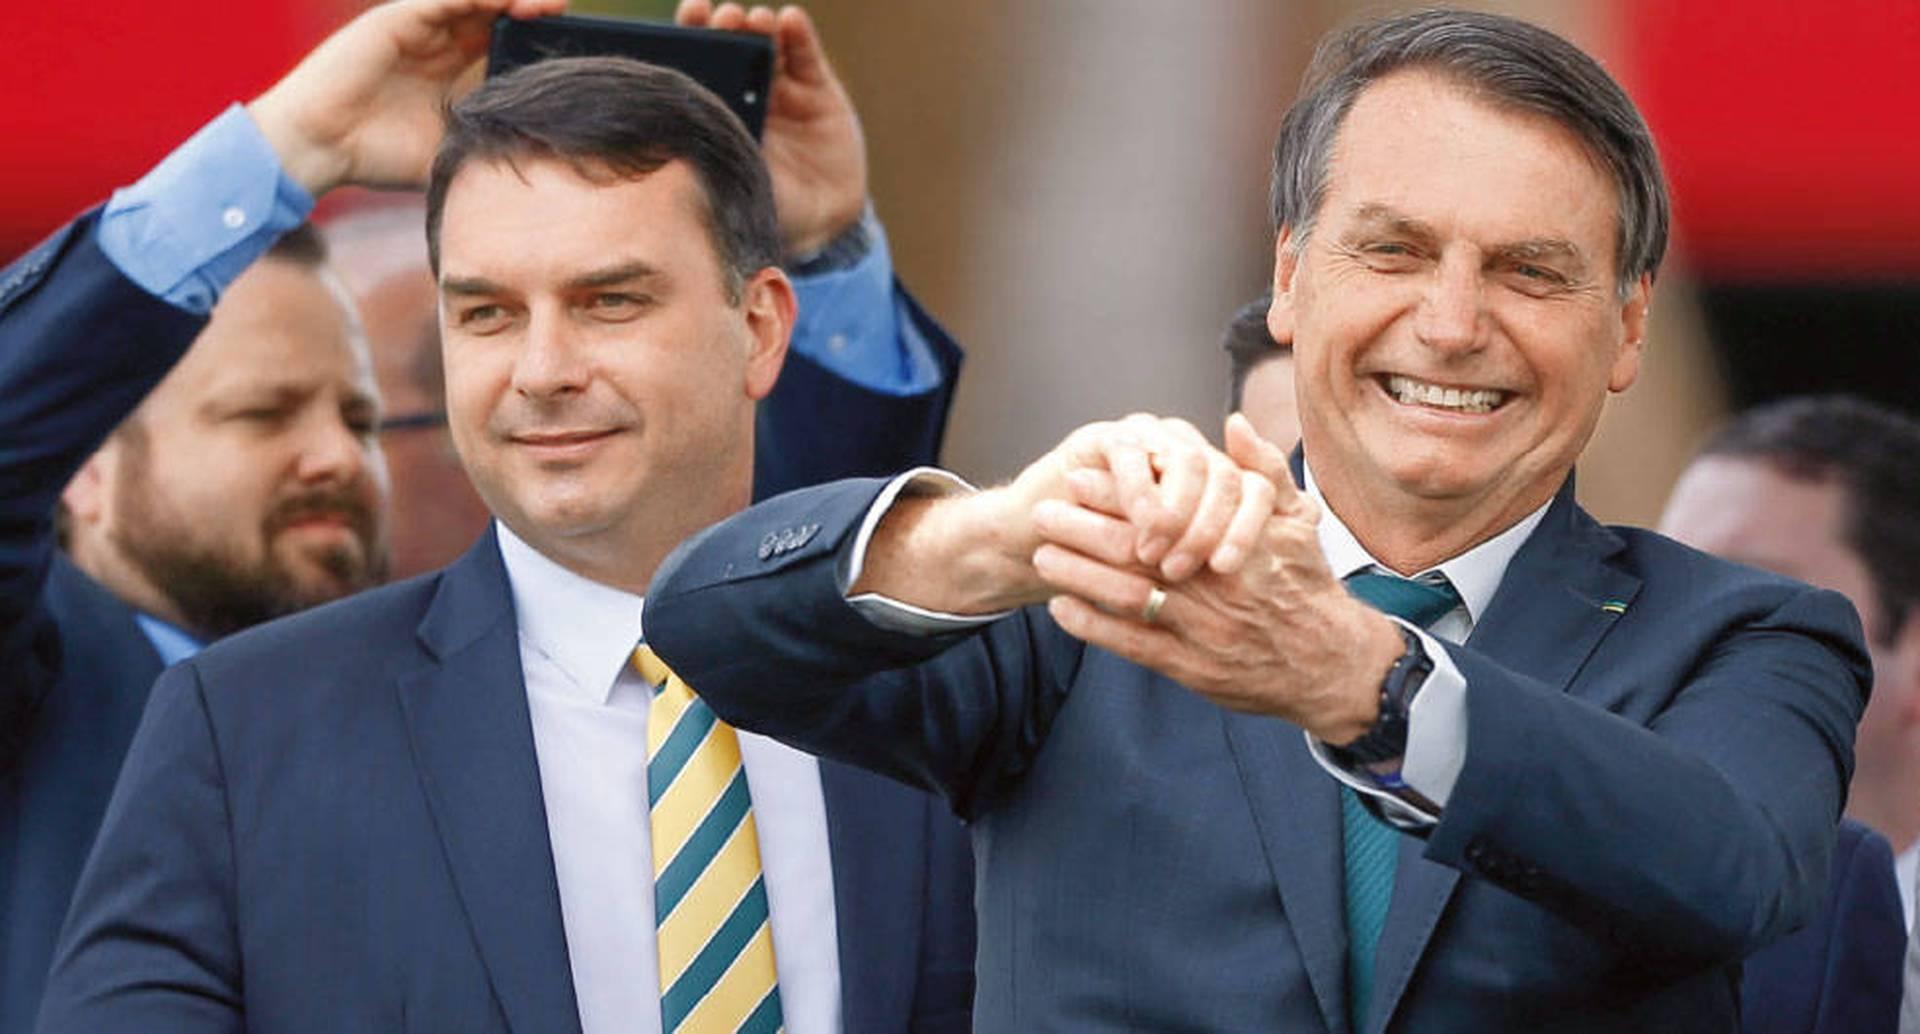 Flávio Bolsonaro, Senador por Río de Janeiro, y su padre, Jair Bolsonaro. Con tantos enemigos fraguados con justa razón, e incluso ante la posibilidad de ser destituido por los procesos en su contra, Bolsonaro ha volcado su poder para proteger a su familia. Pero esta tampoco está exenta de polémicas y graves acusaciones.